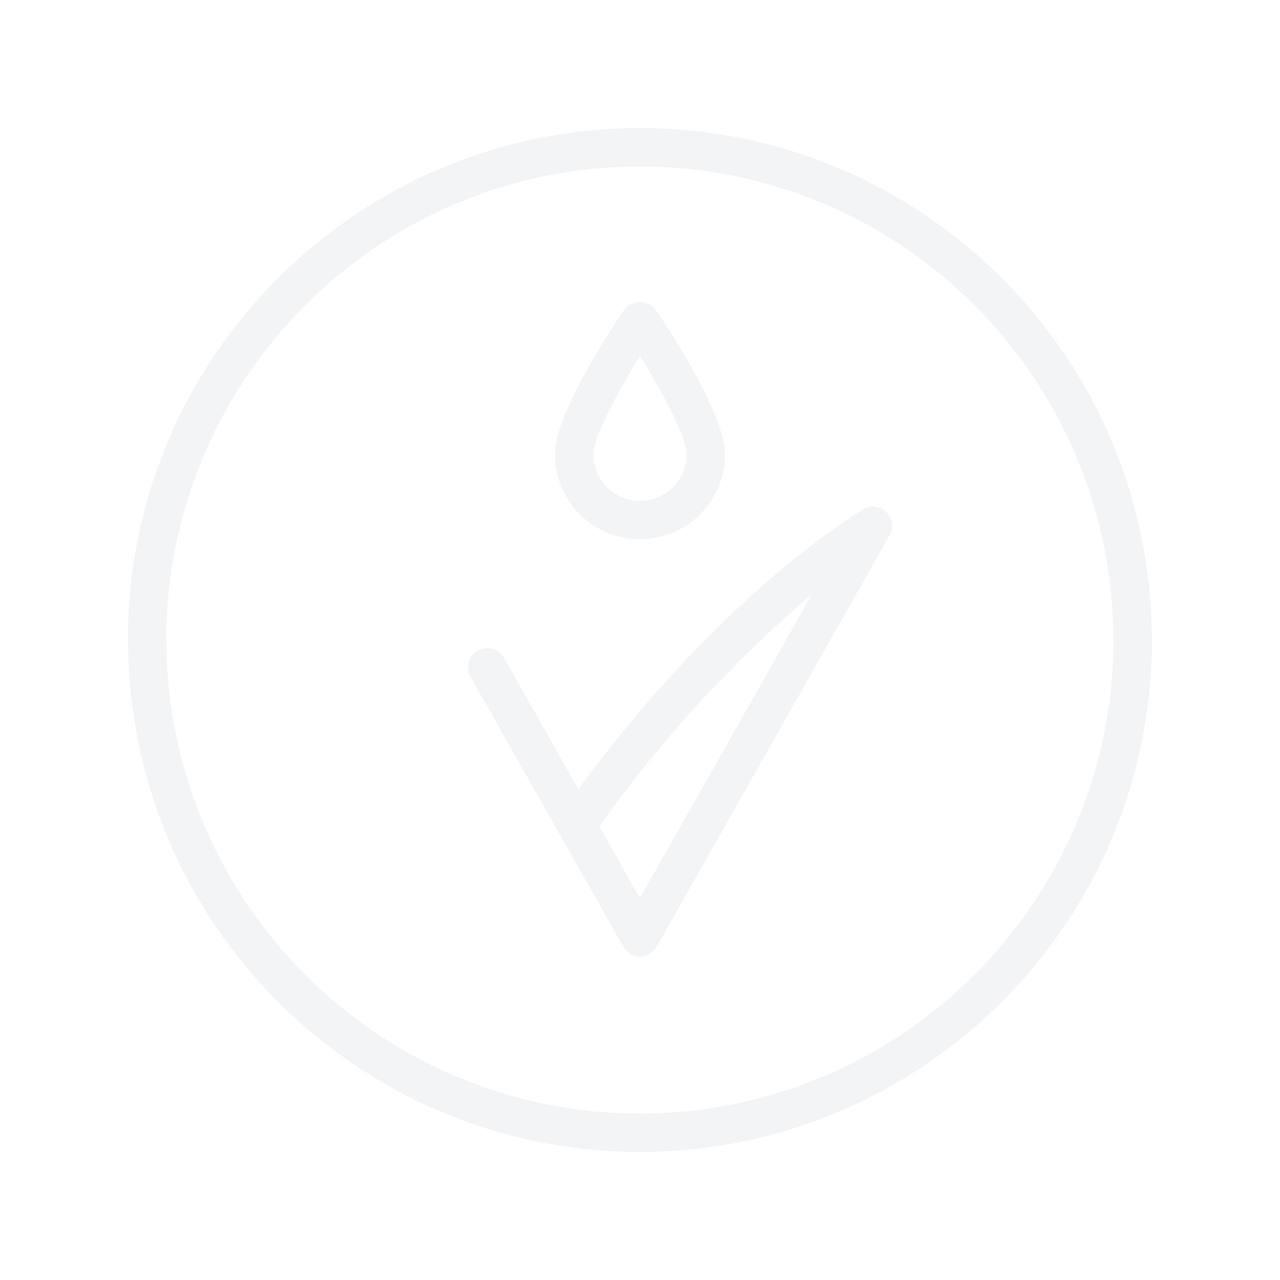 JOICO Vero K-Pak Color Intensity Saphire Blue 118ml